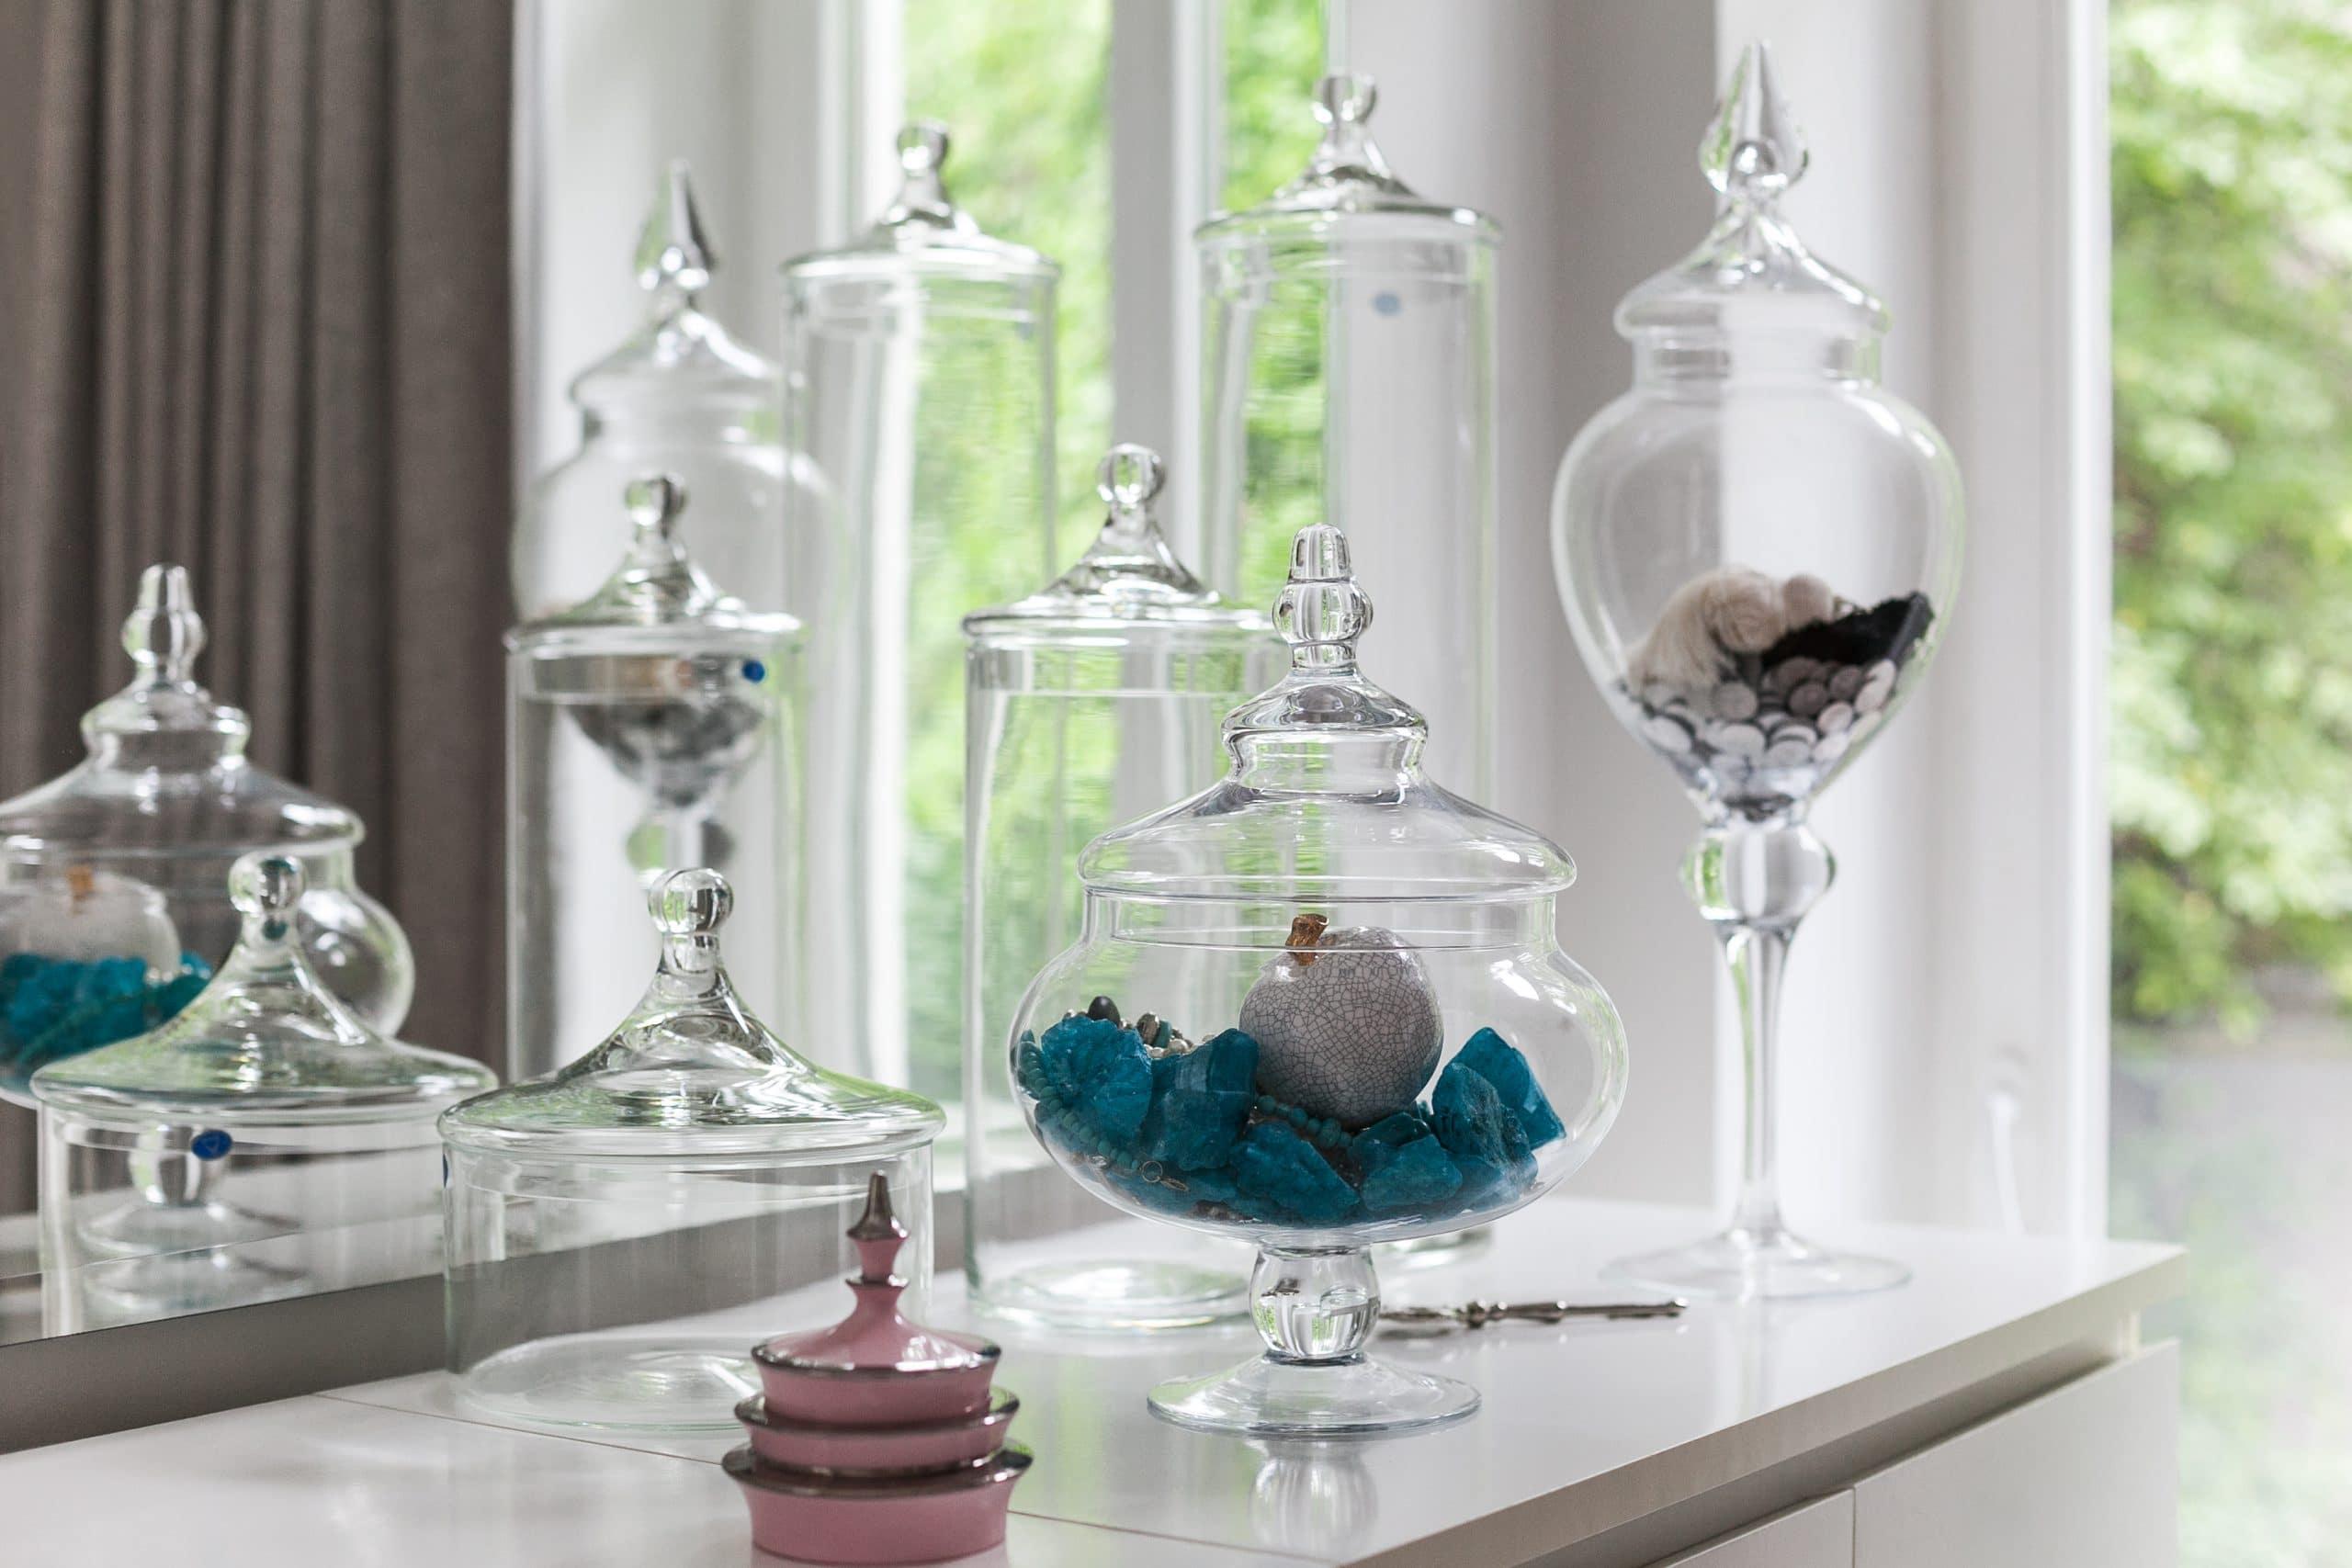 cristal-na-decoração-traga-um-toque-de-luxo-para-a-sua-casa-3